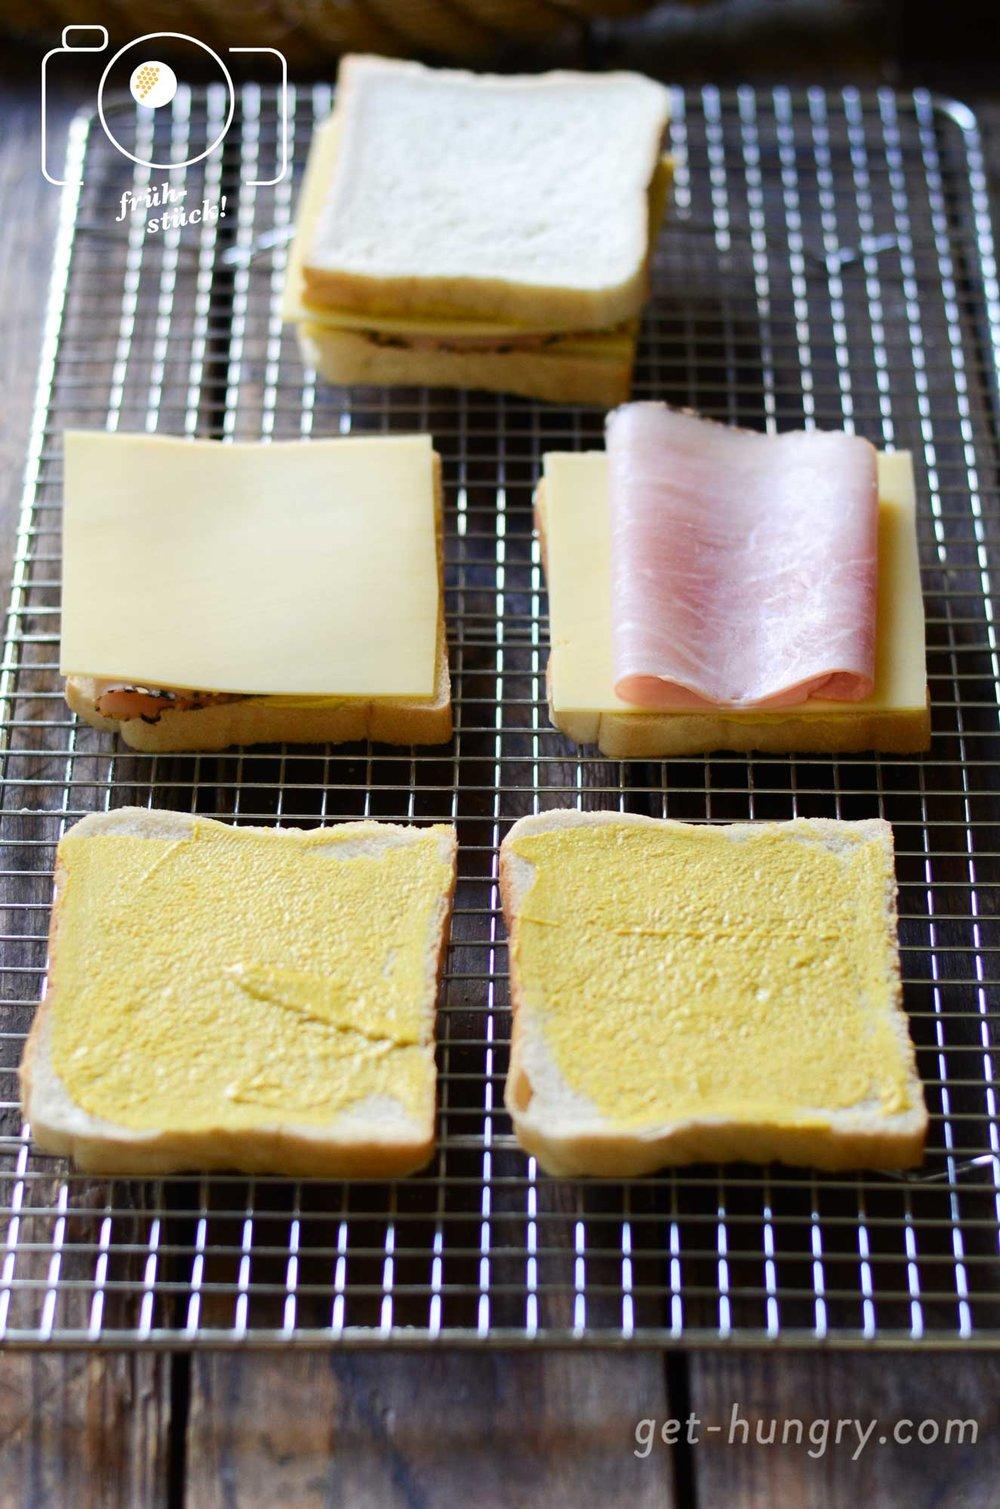 Brot wird mit Senf, Schinken und Käse doppelt gestapelt.